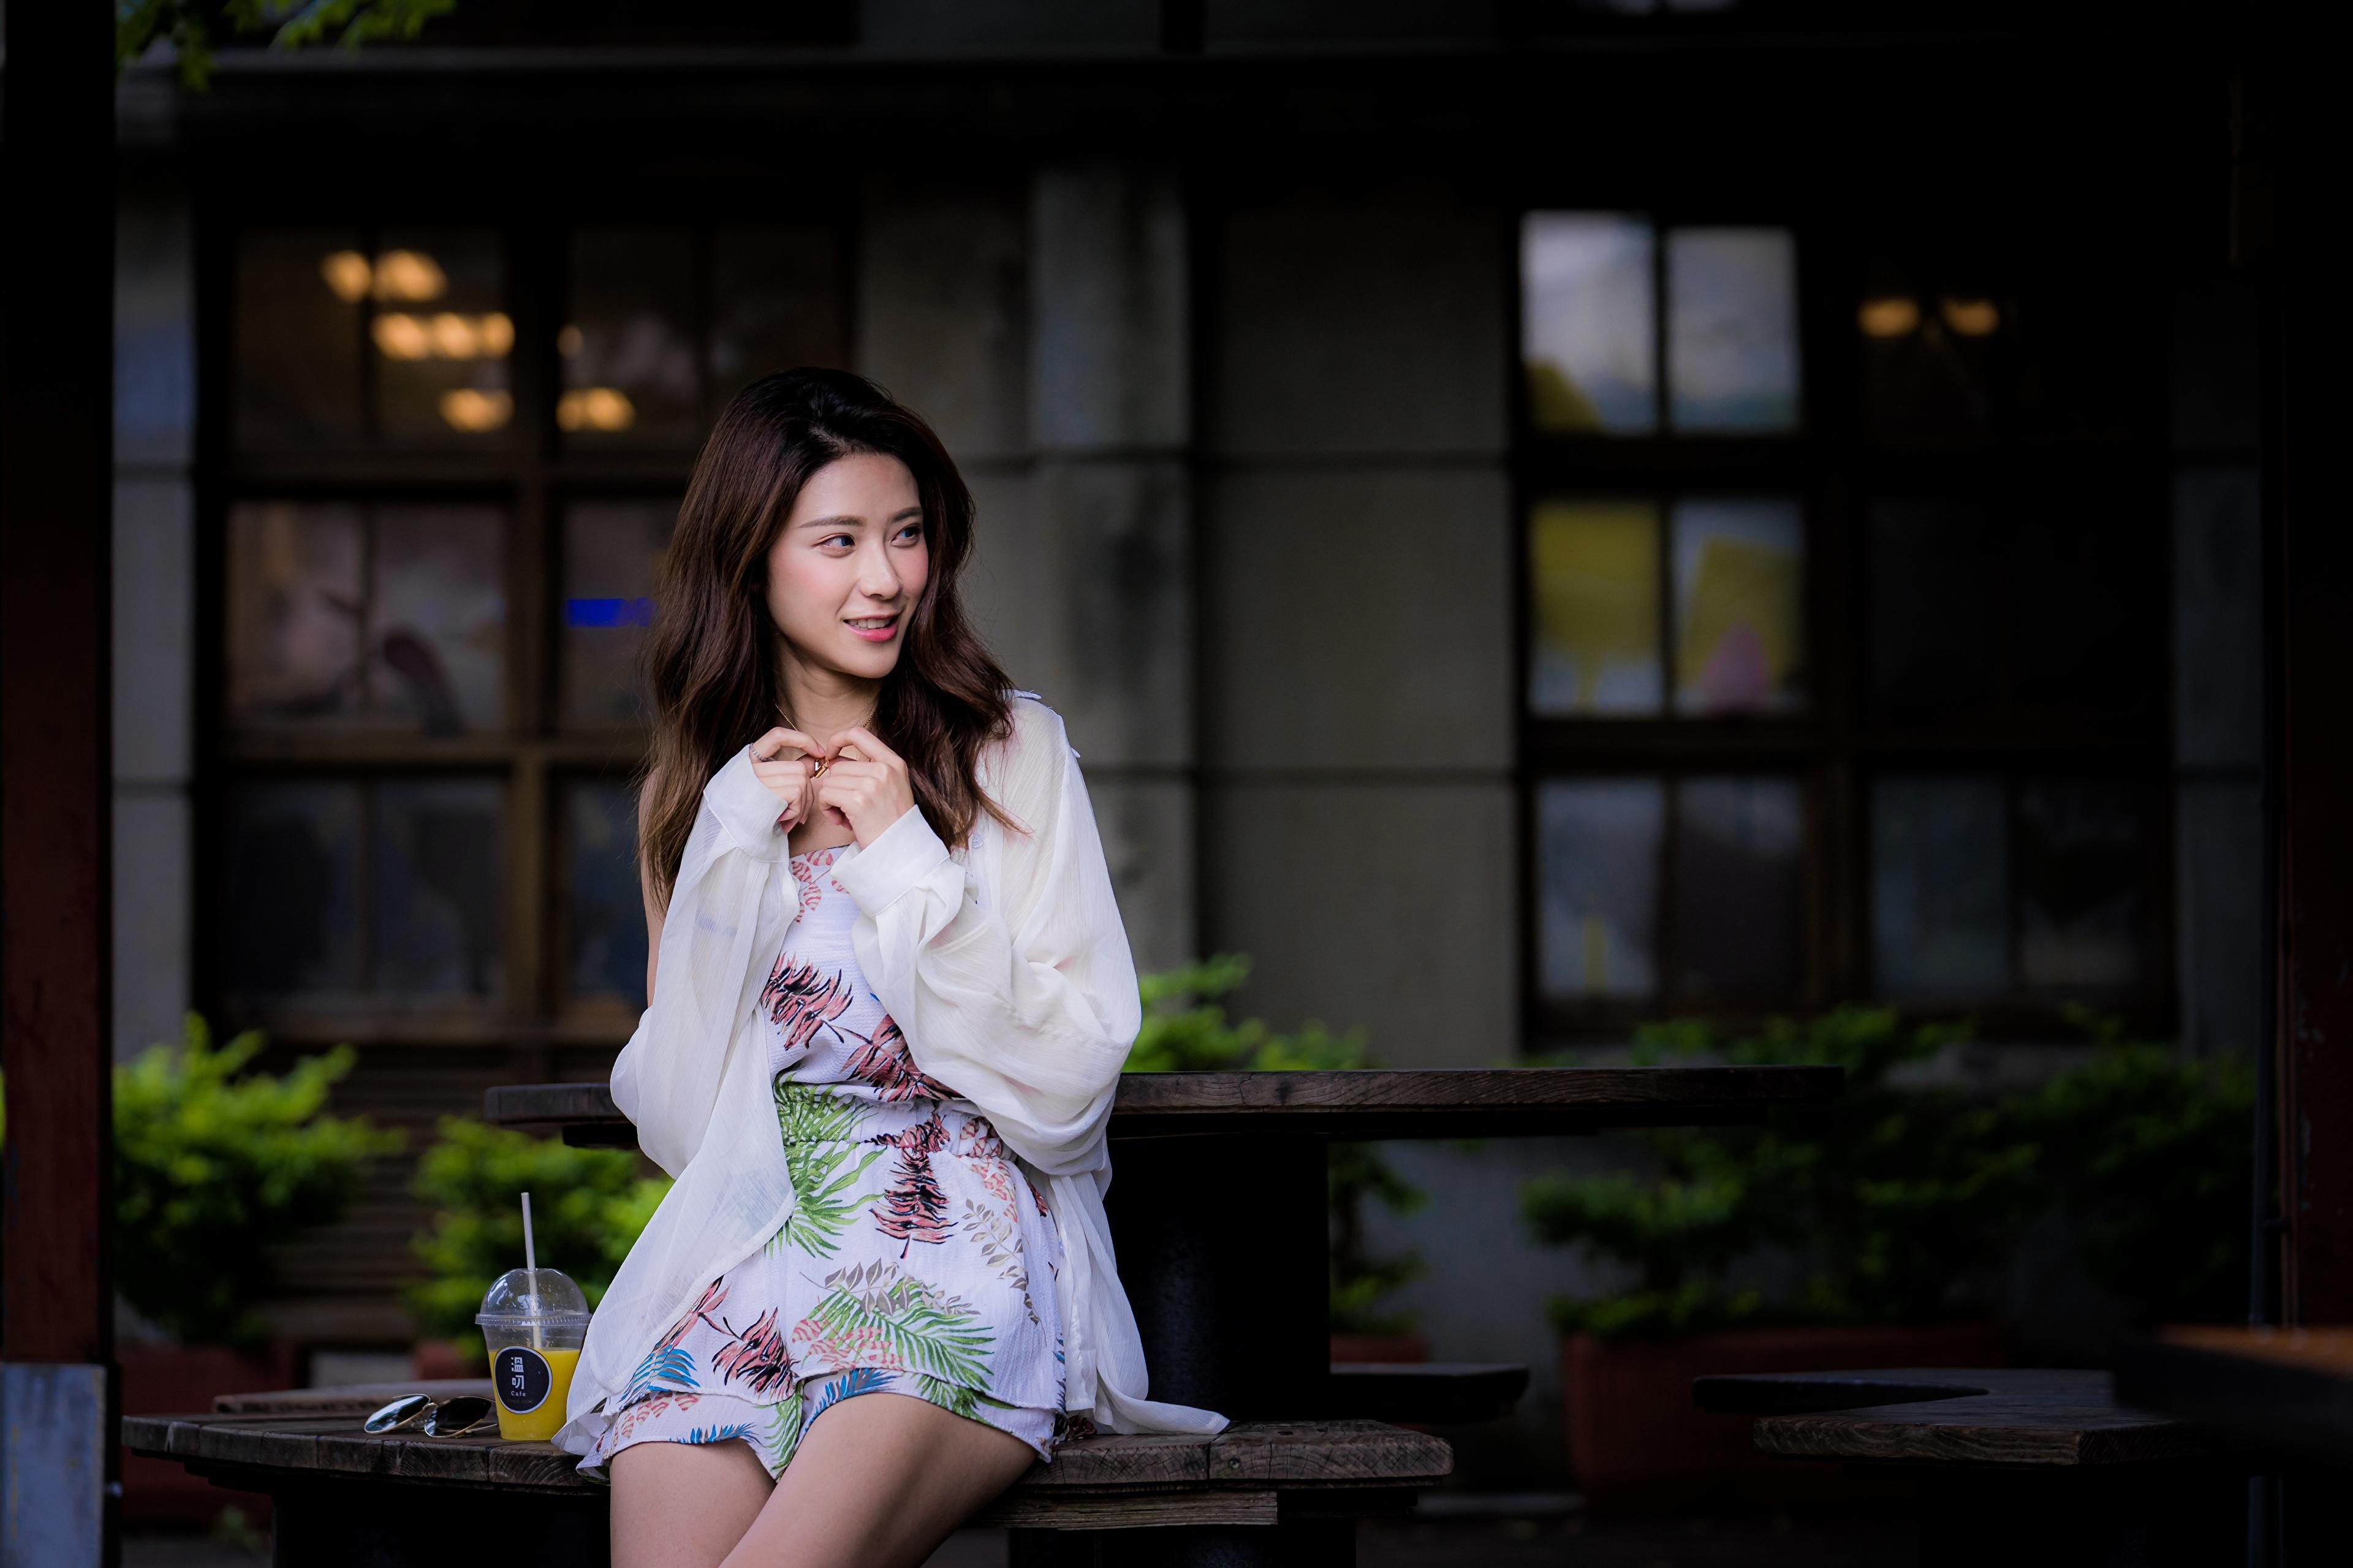 3840x2560,亚洲人,散景,棕色的女人,手,坐,年輕女性,女孩,